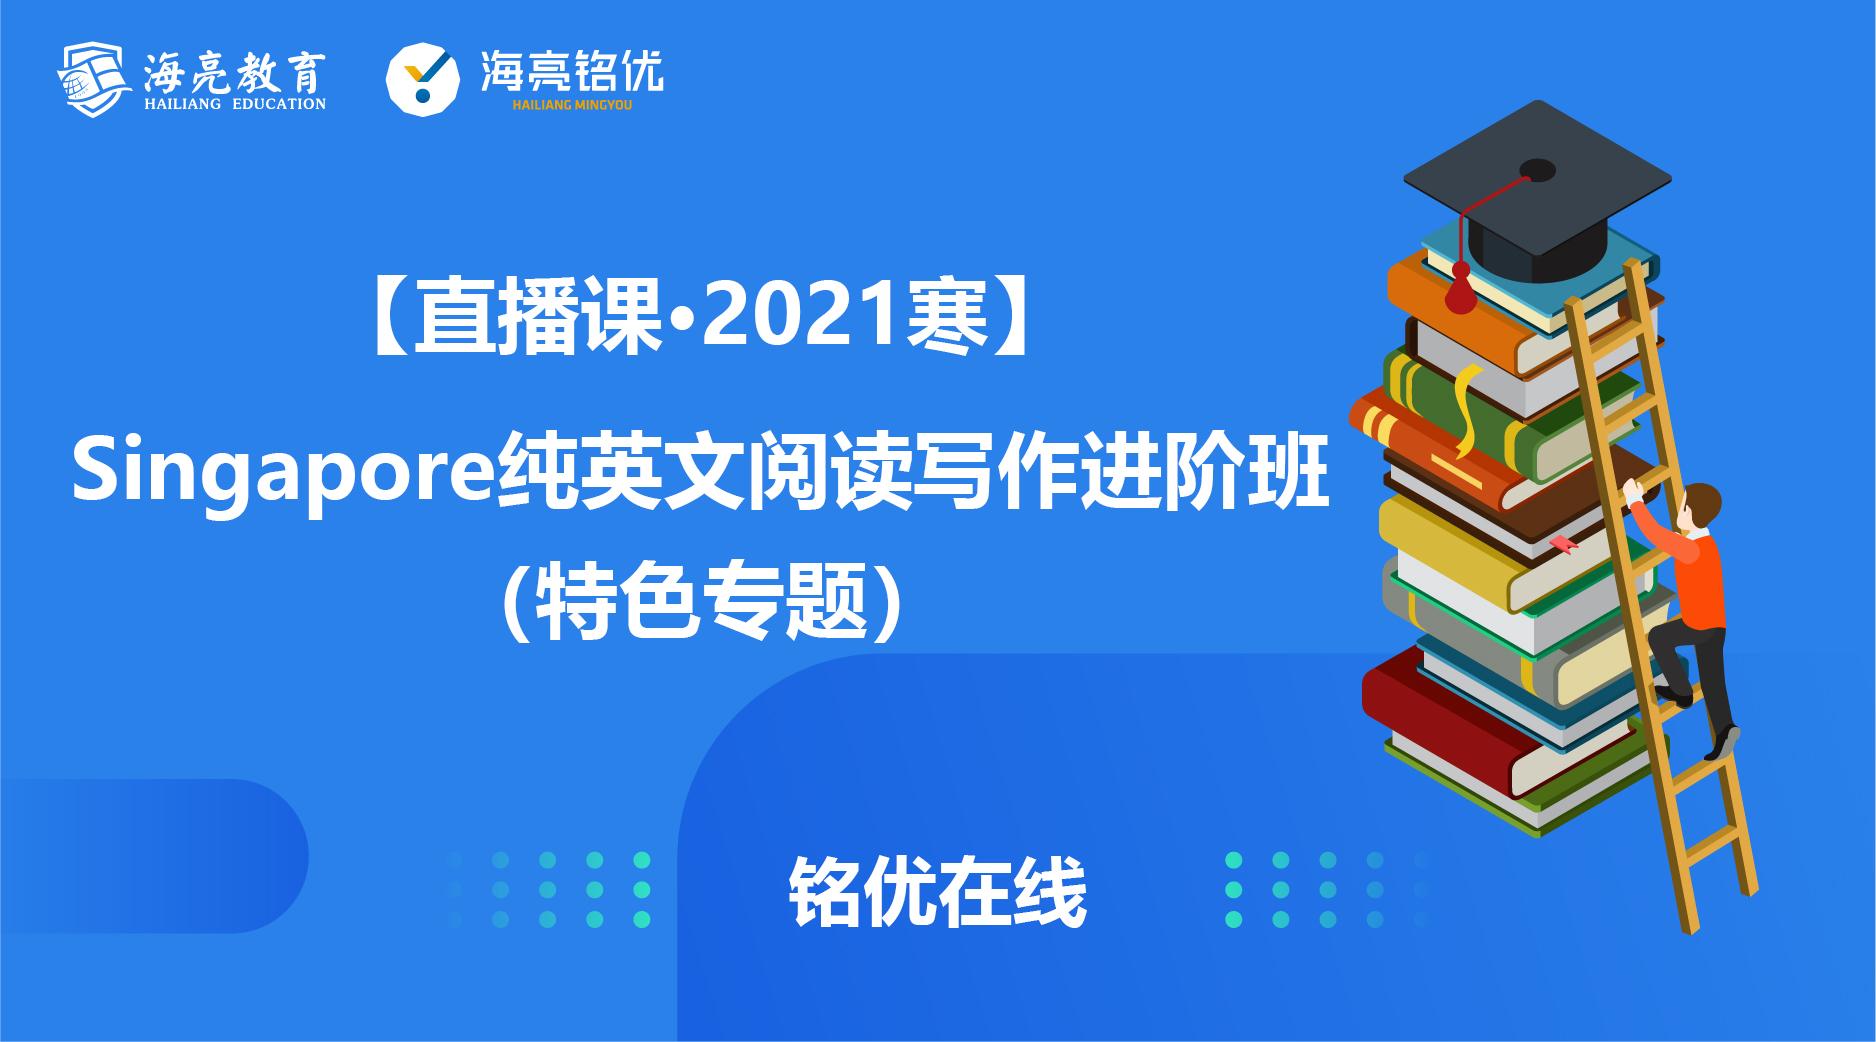 【直播课·2021寒】Singapore纯英文阅读写作进阶班(特色专题)